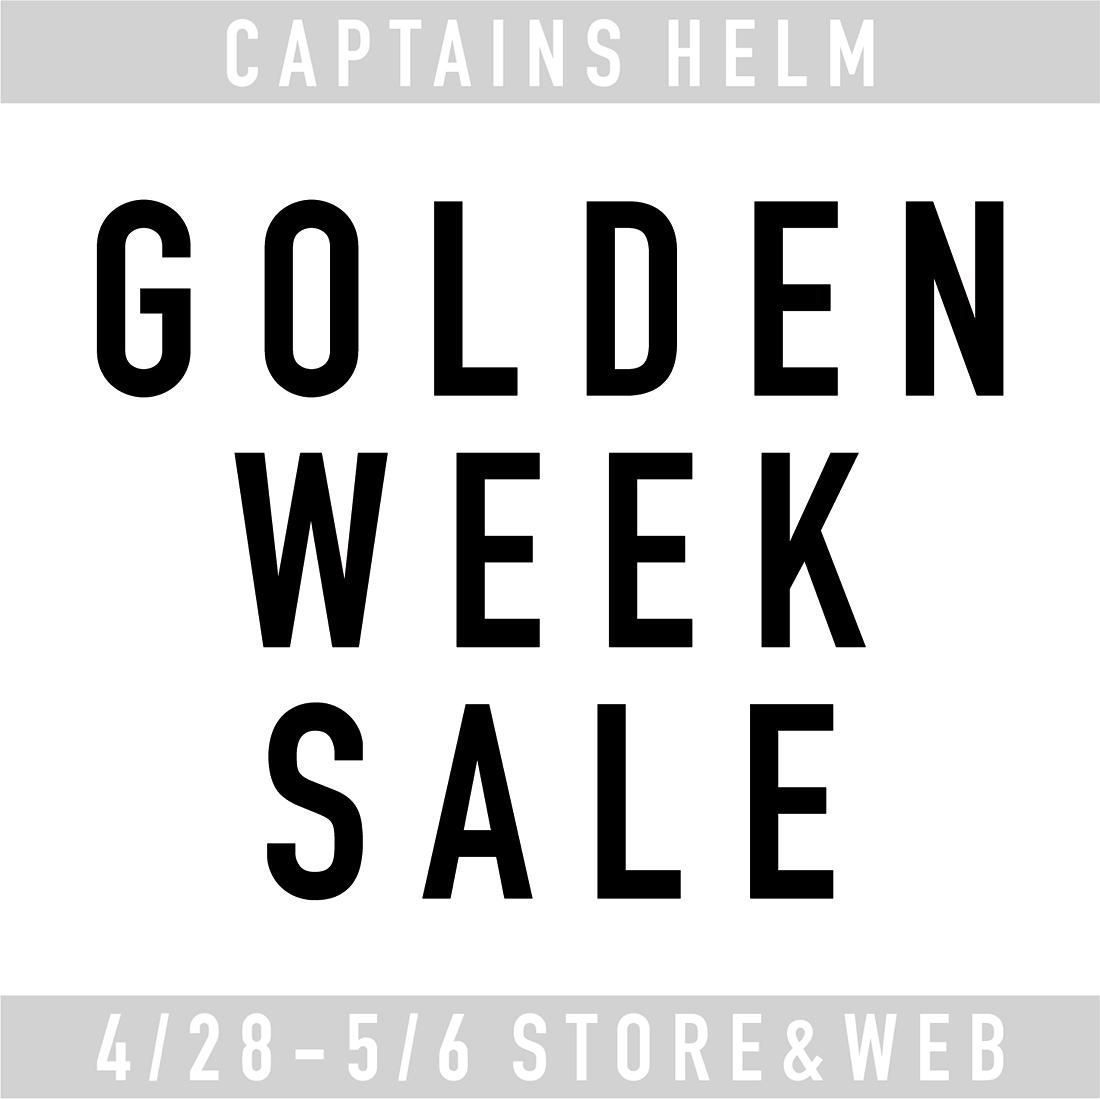 GOLDEN WEEK SALE